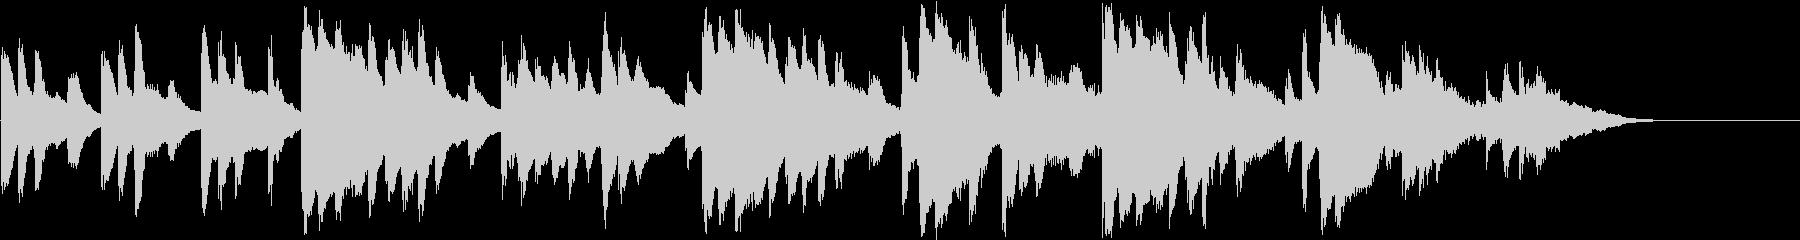 切ないシーンのRPG系オーケストラBGMの未再生の波形